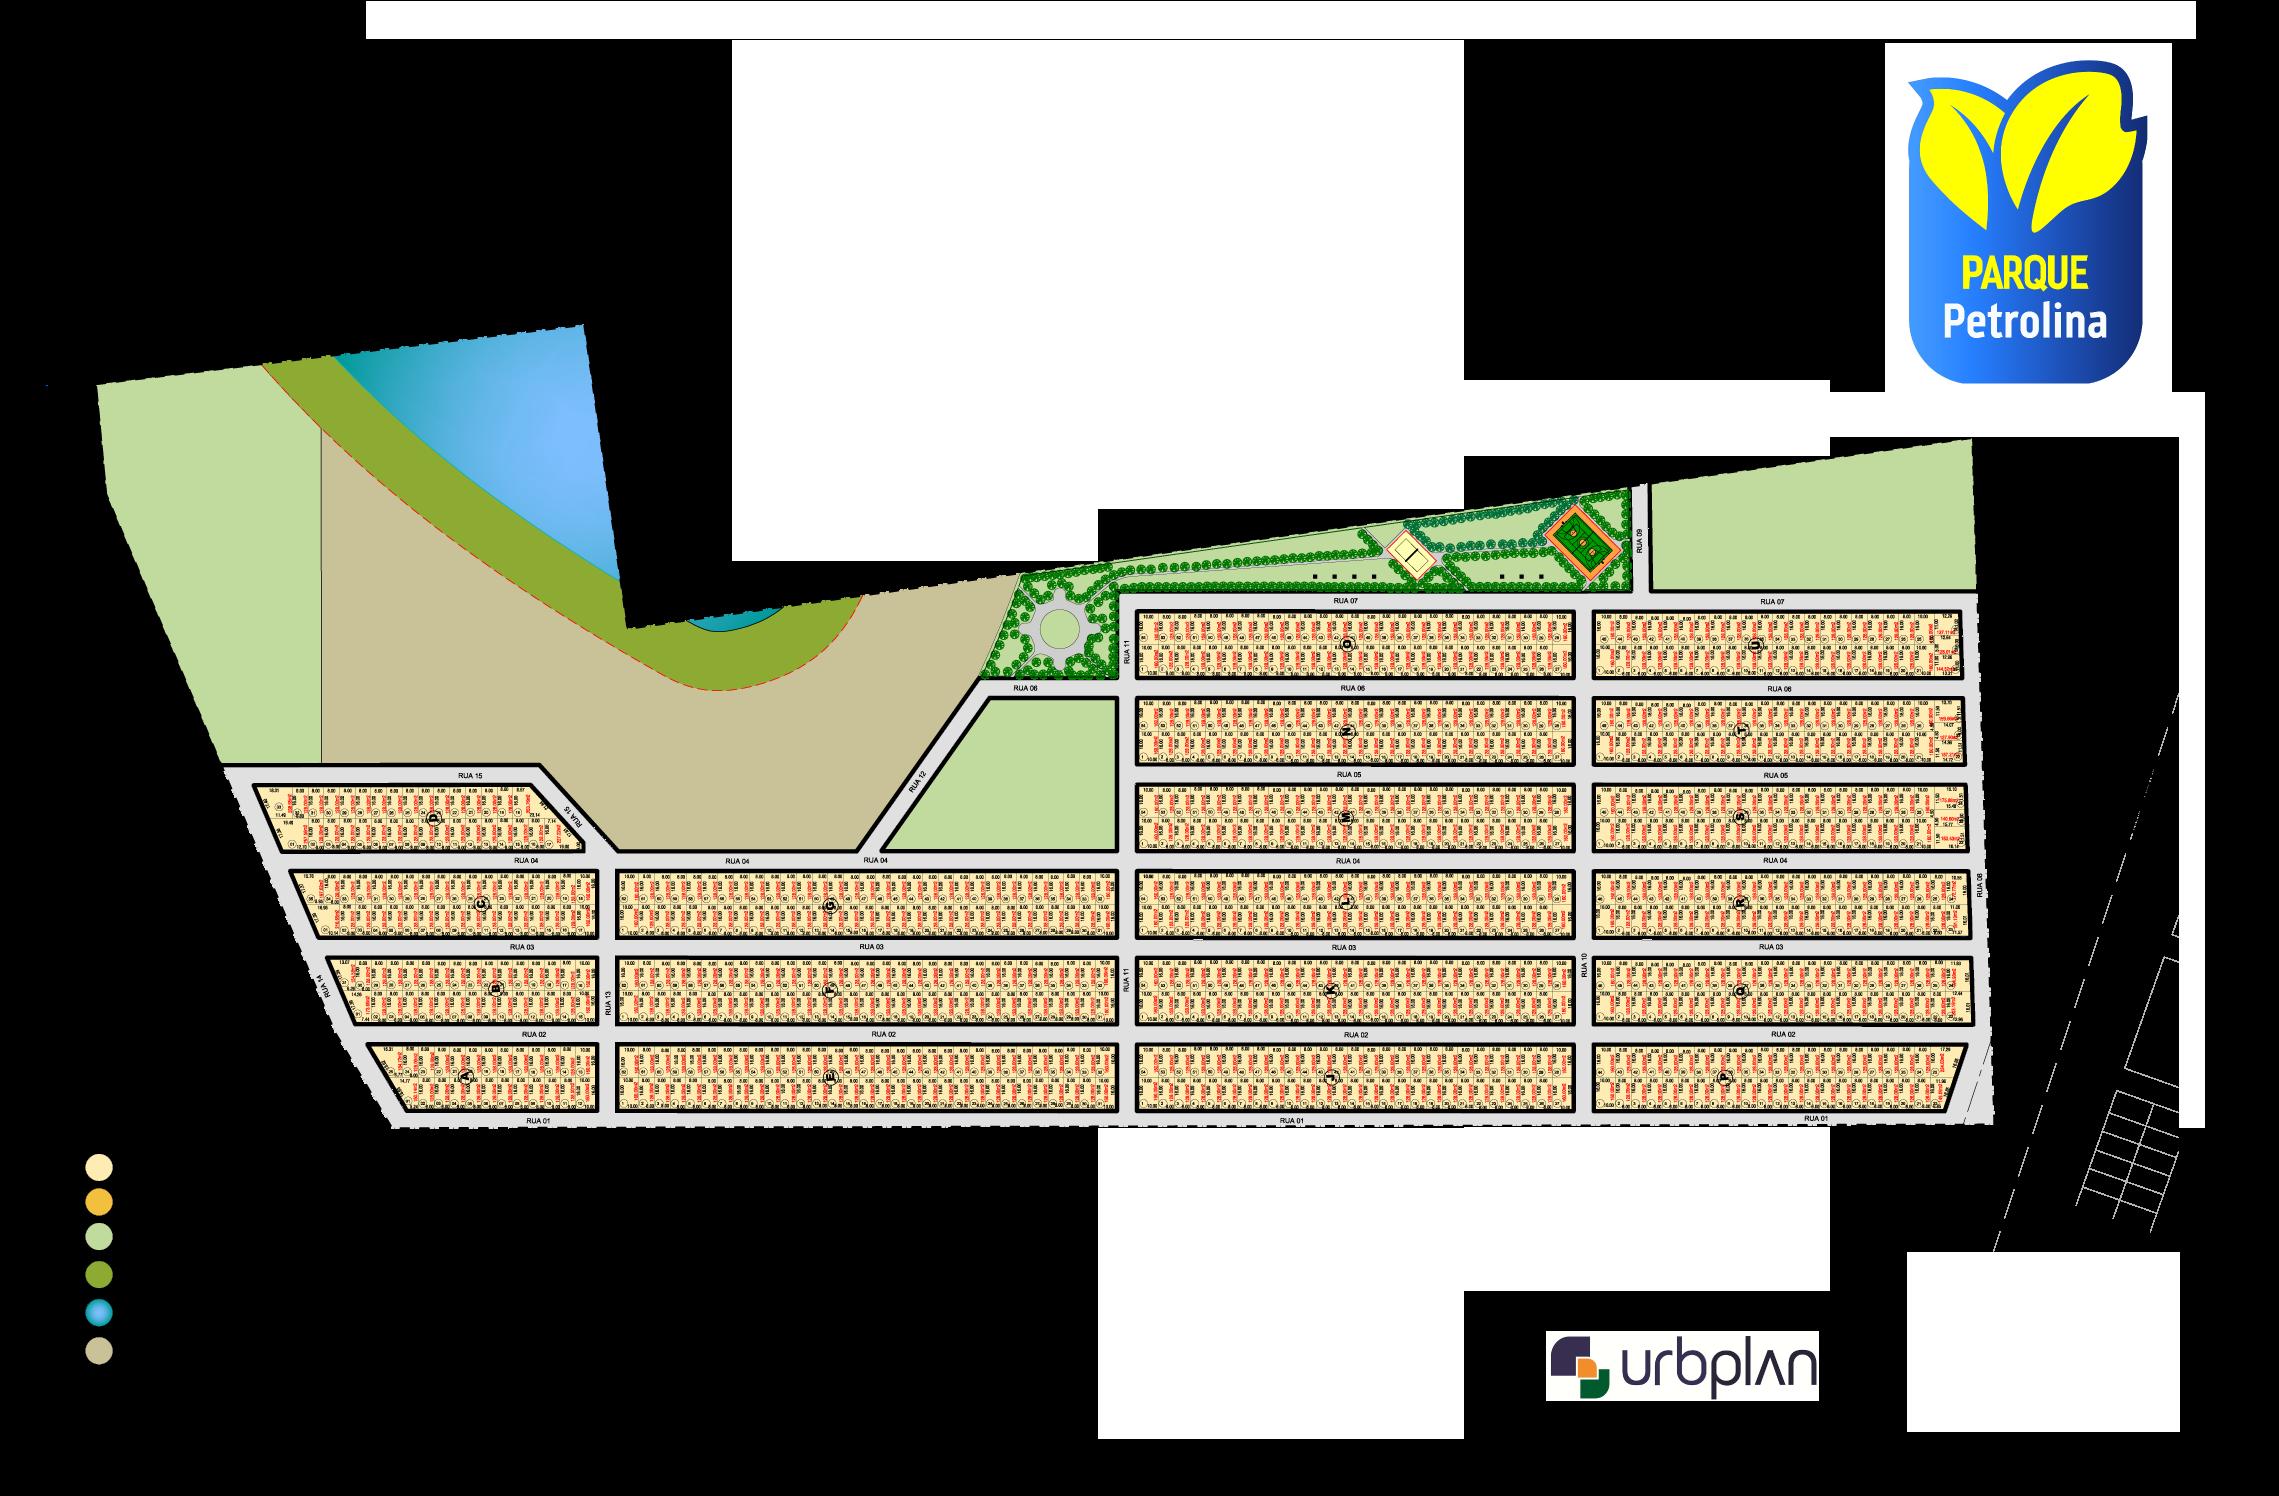 Parque Petrolina